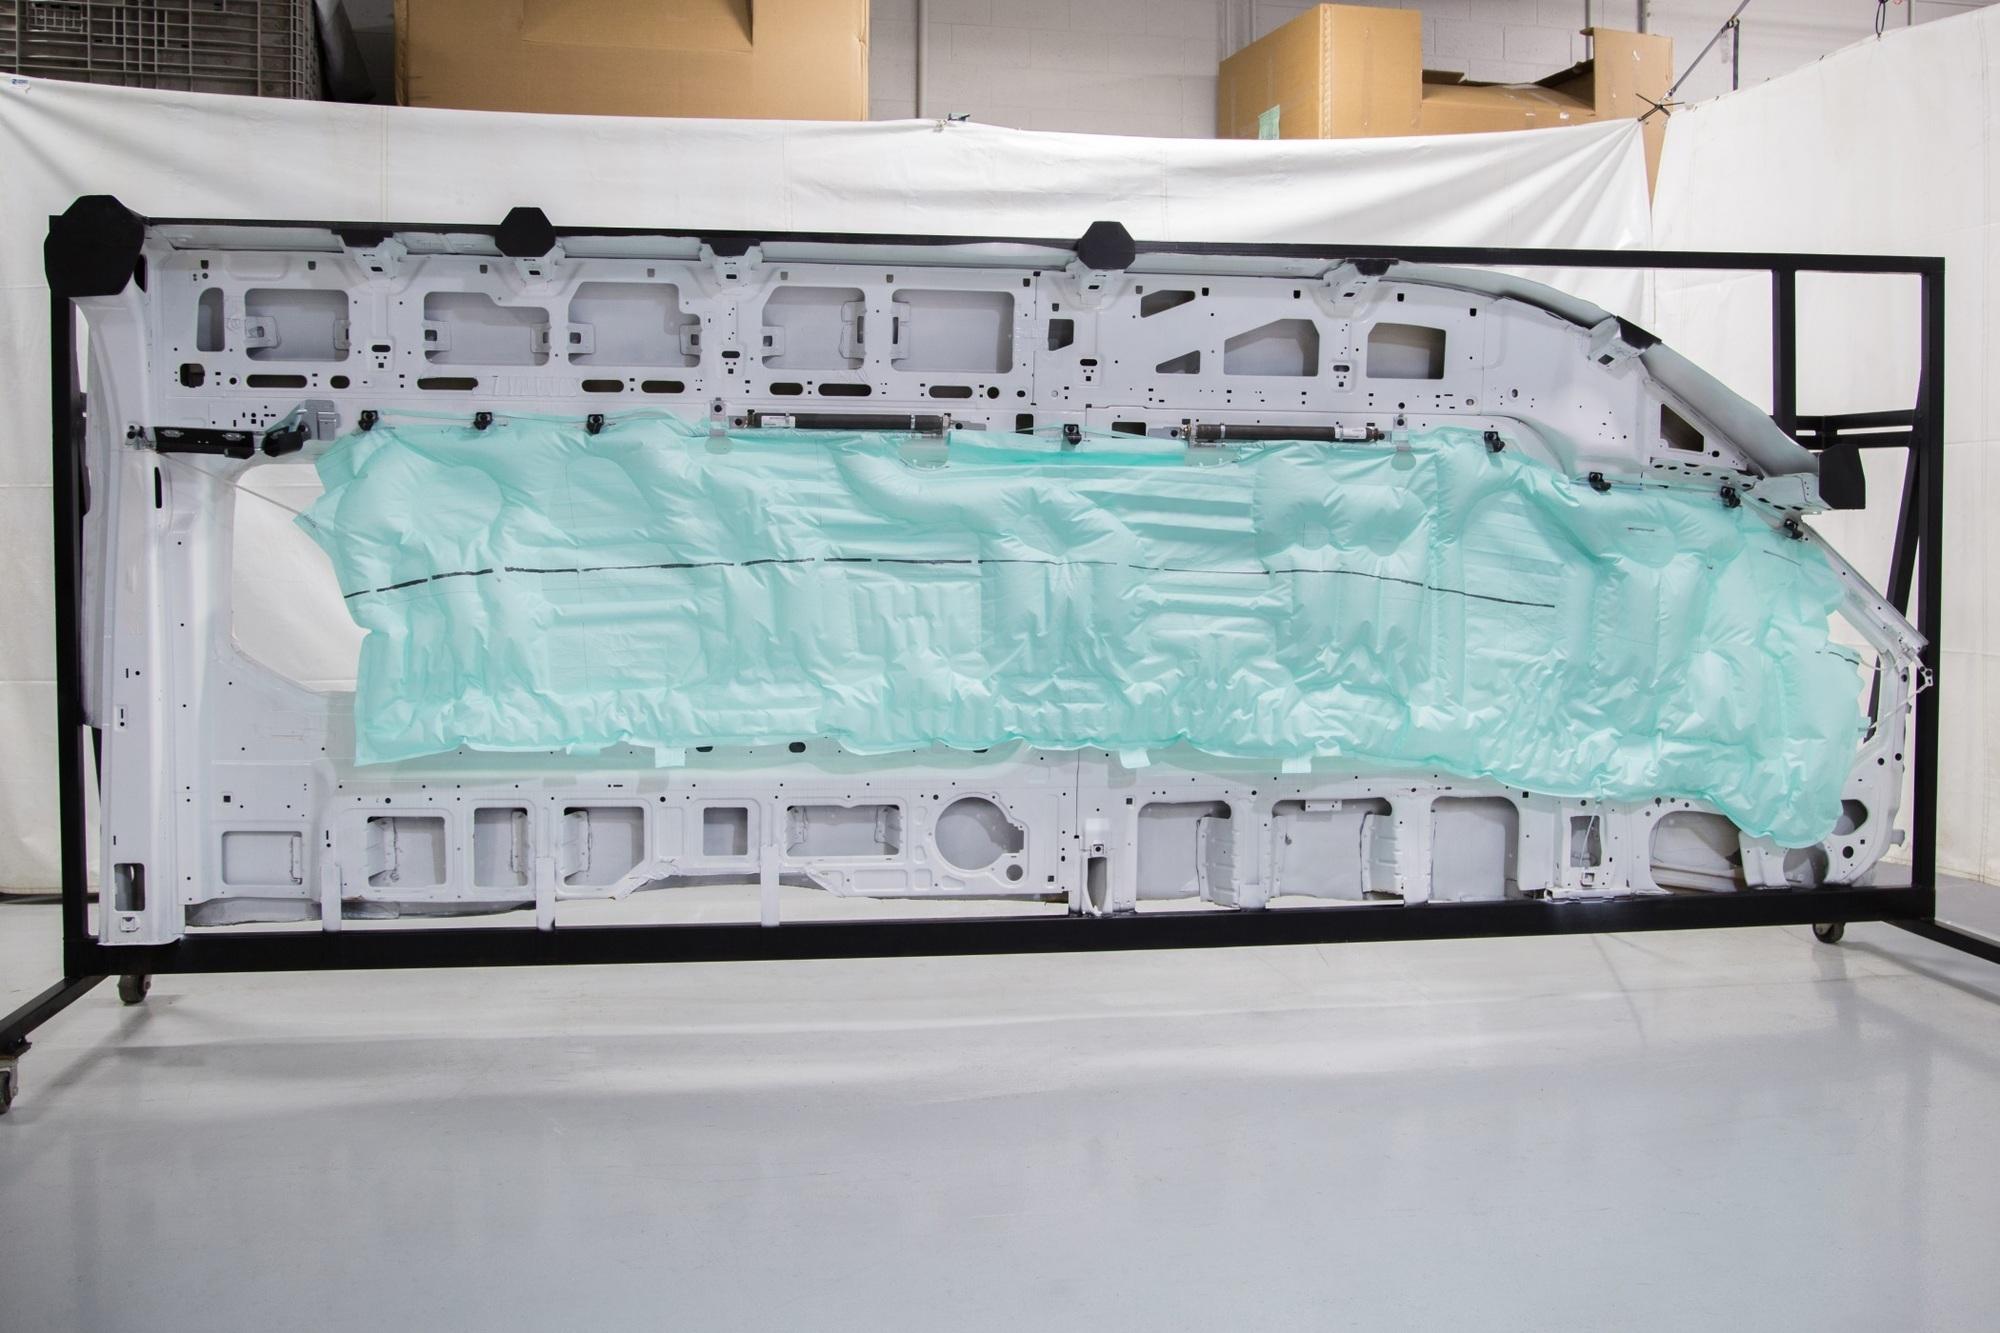 Neuer Seitenairbag von Ford - Schützende Kissen im XXL-Format